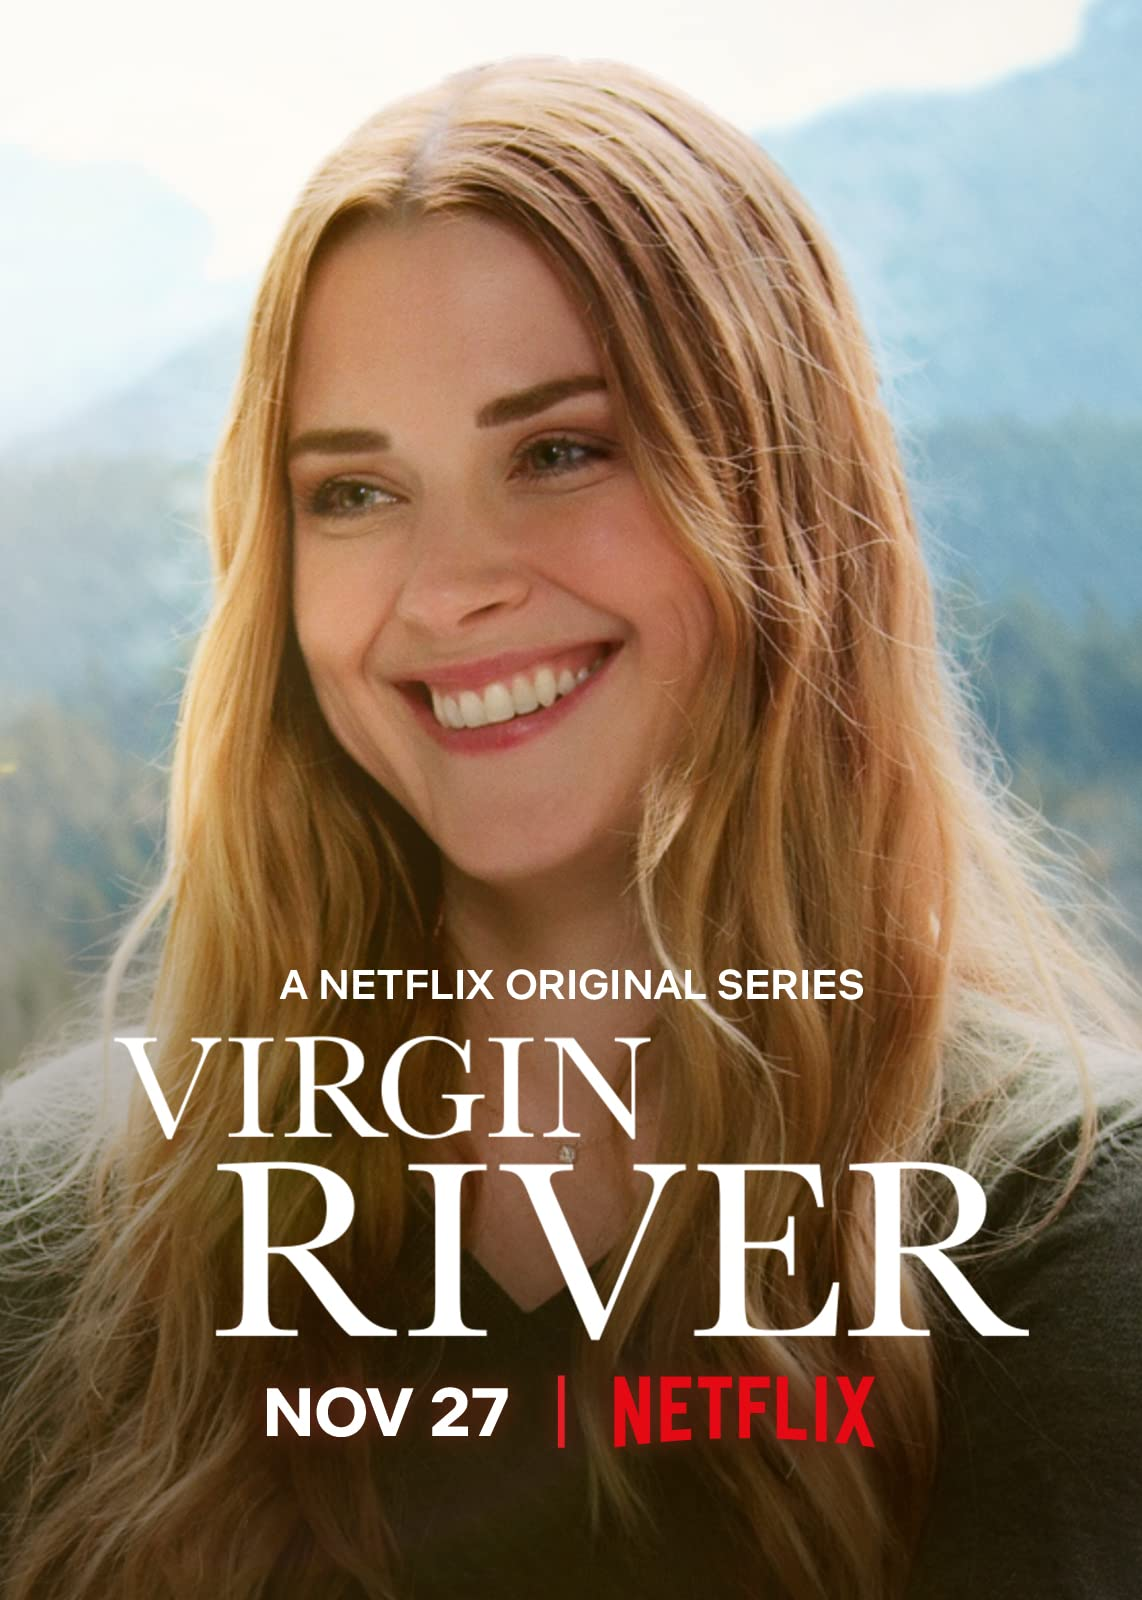 維琴河 (第2季) | awwrated | 你的 Netflix 避雷好幫手!